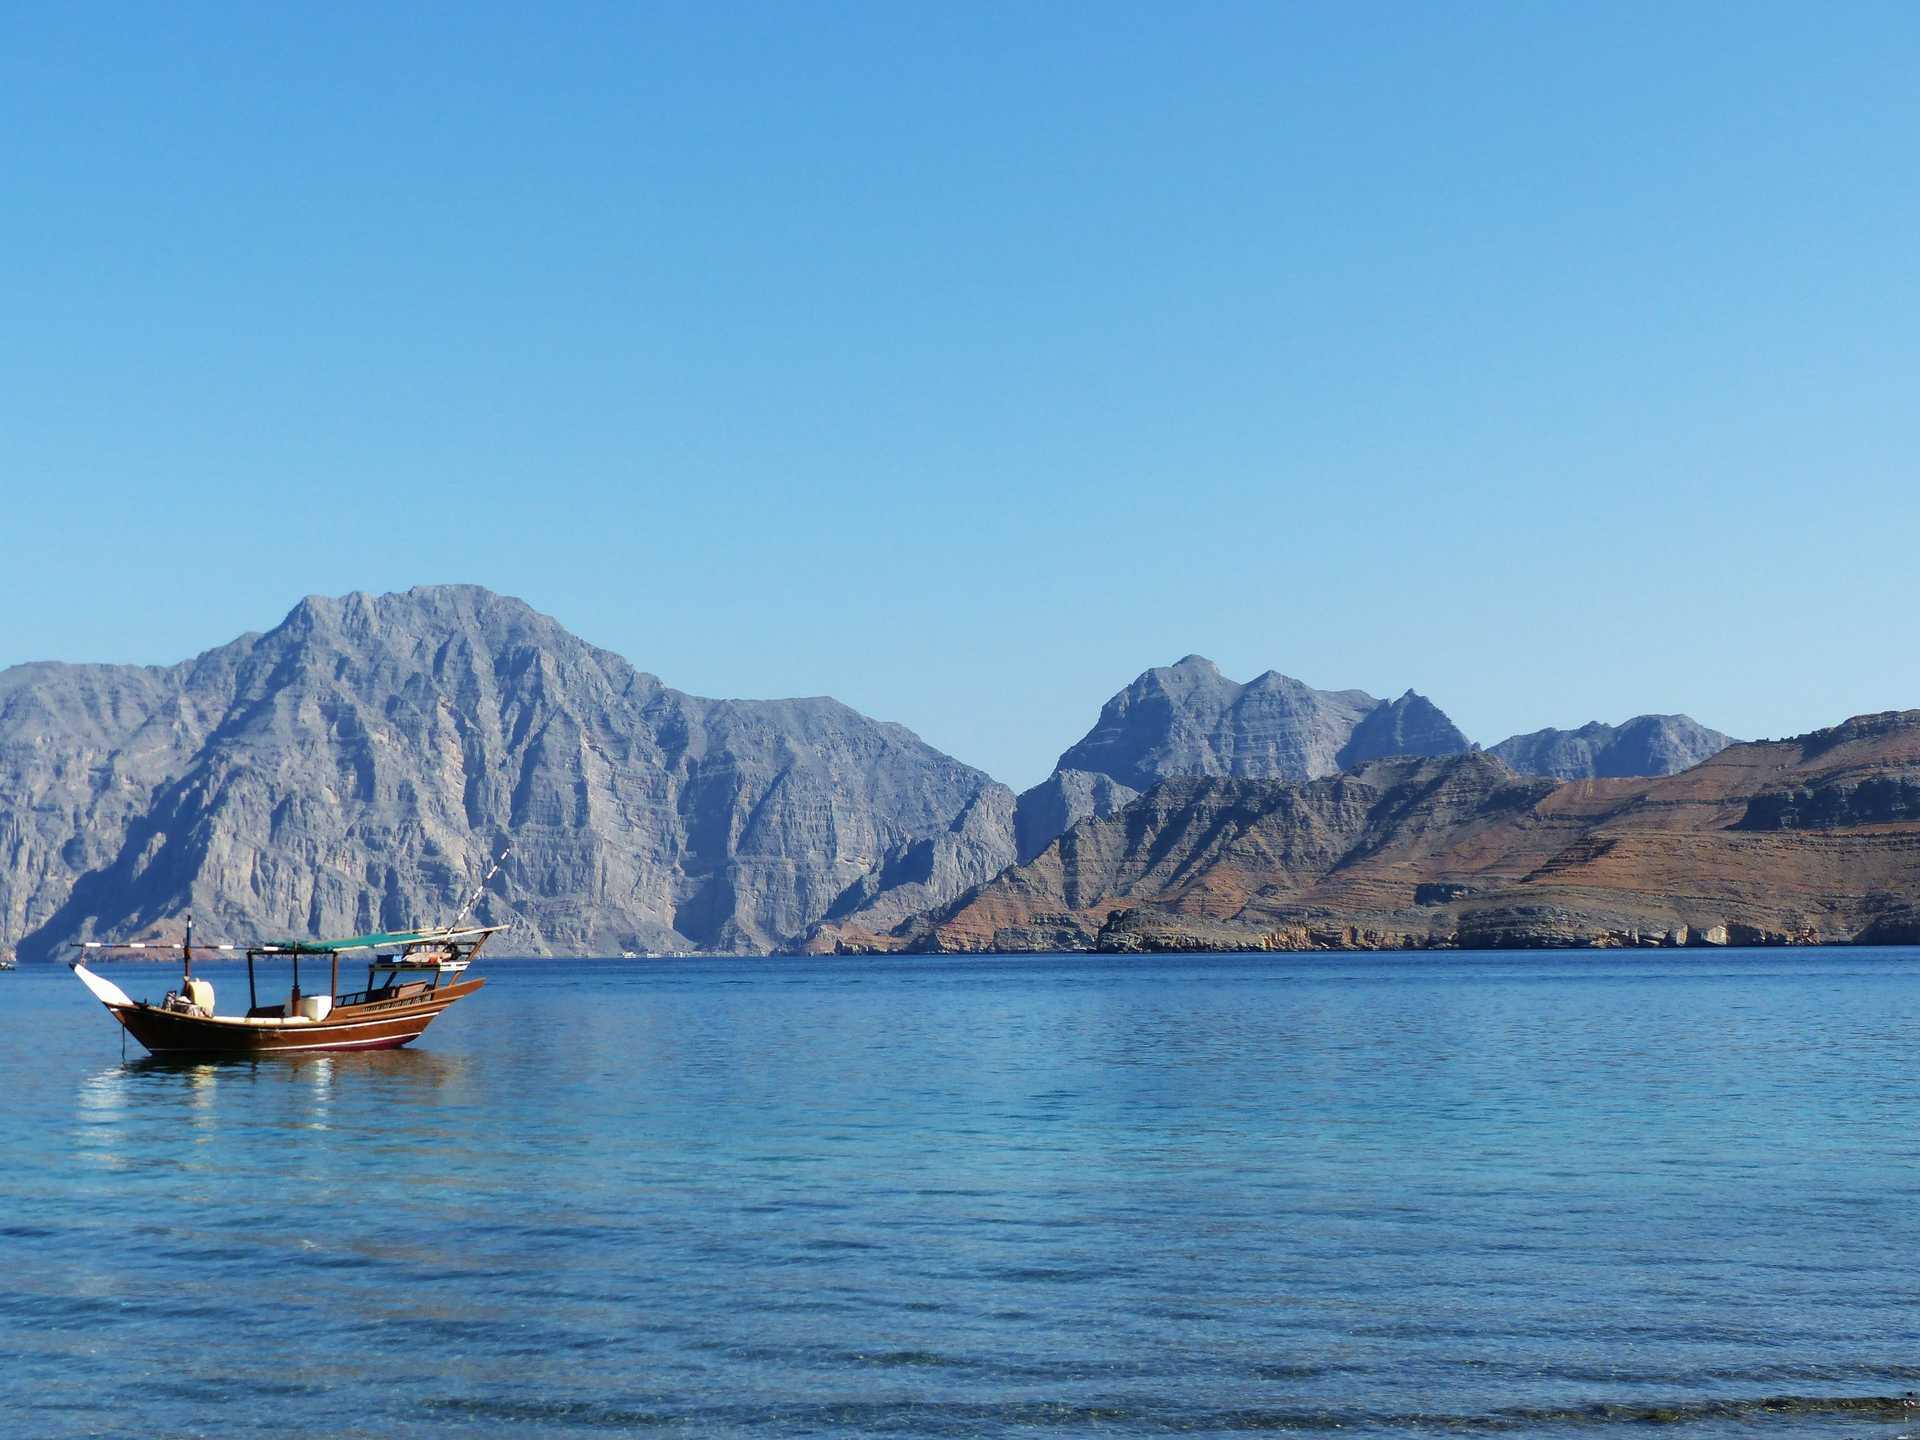 Peaceful landscape of the Musandan fjords